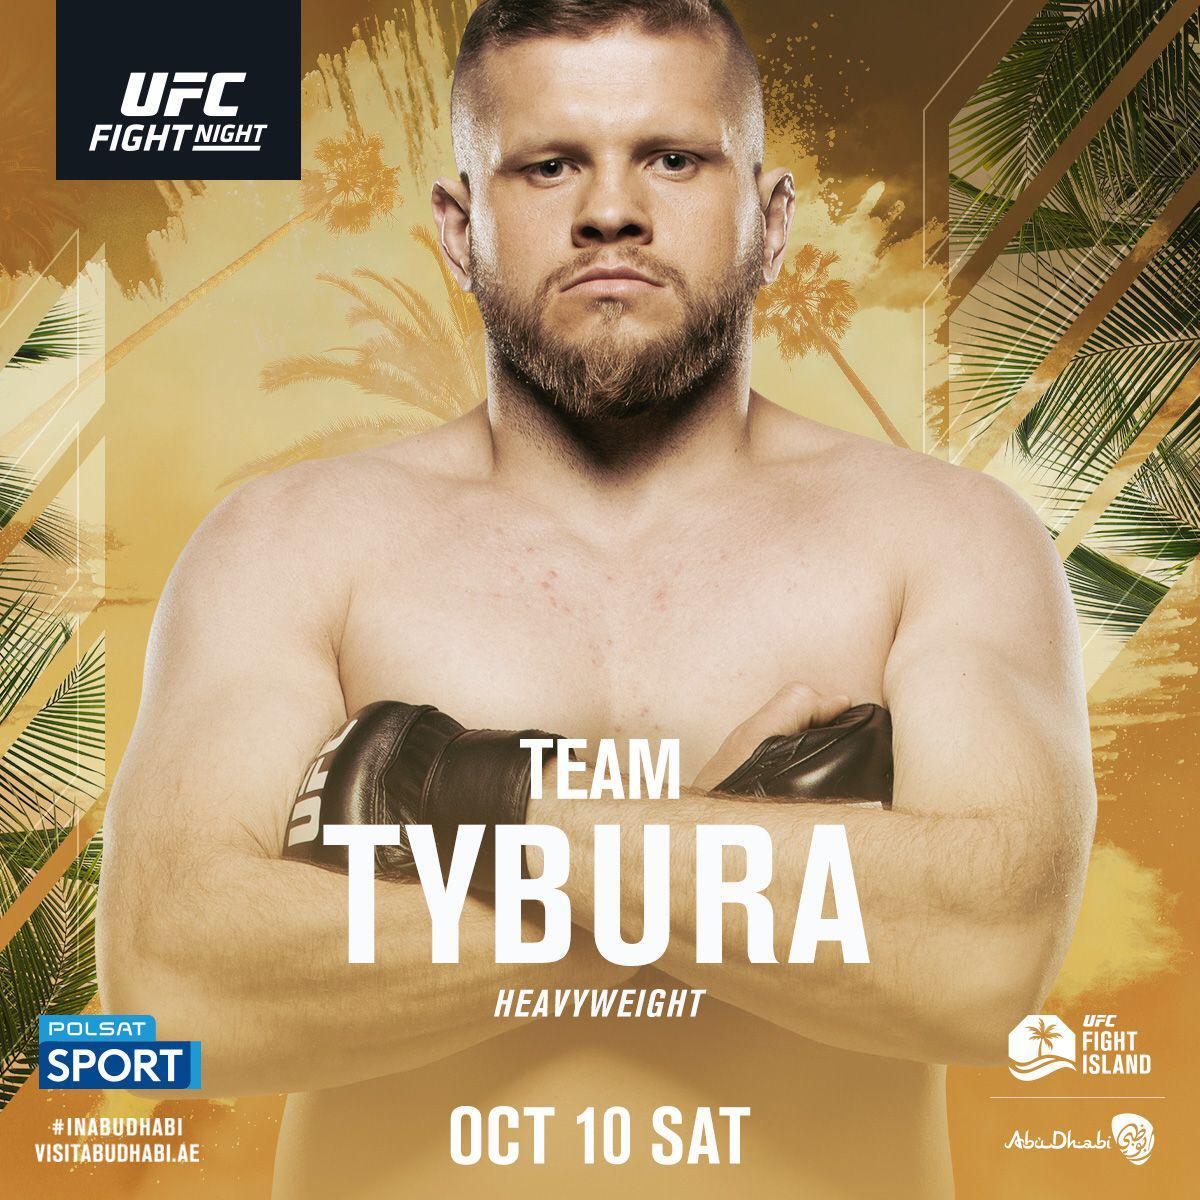 Dziś w nocy (3:30 PL) @MarcinTybura w oktagonie UFC na #UFCFightIsland5 Oglądajcie @polsatsport i kibicujcie Marcinowi. https://t.co/MMuSnCR6MD